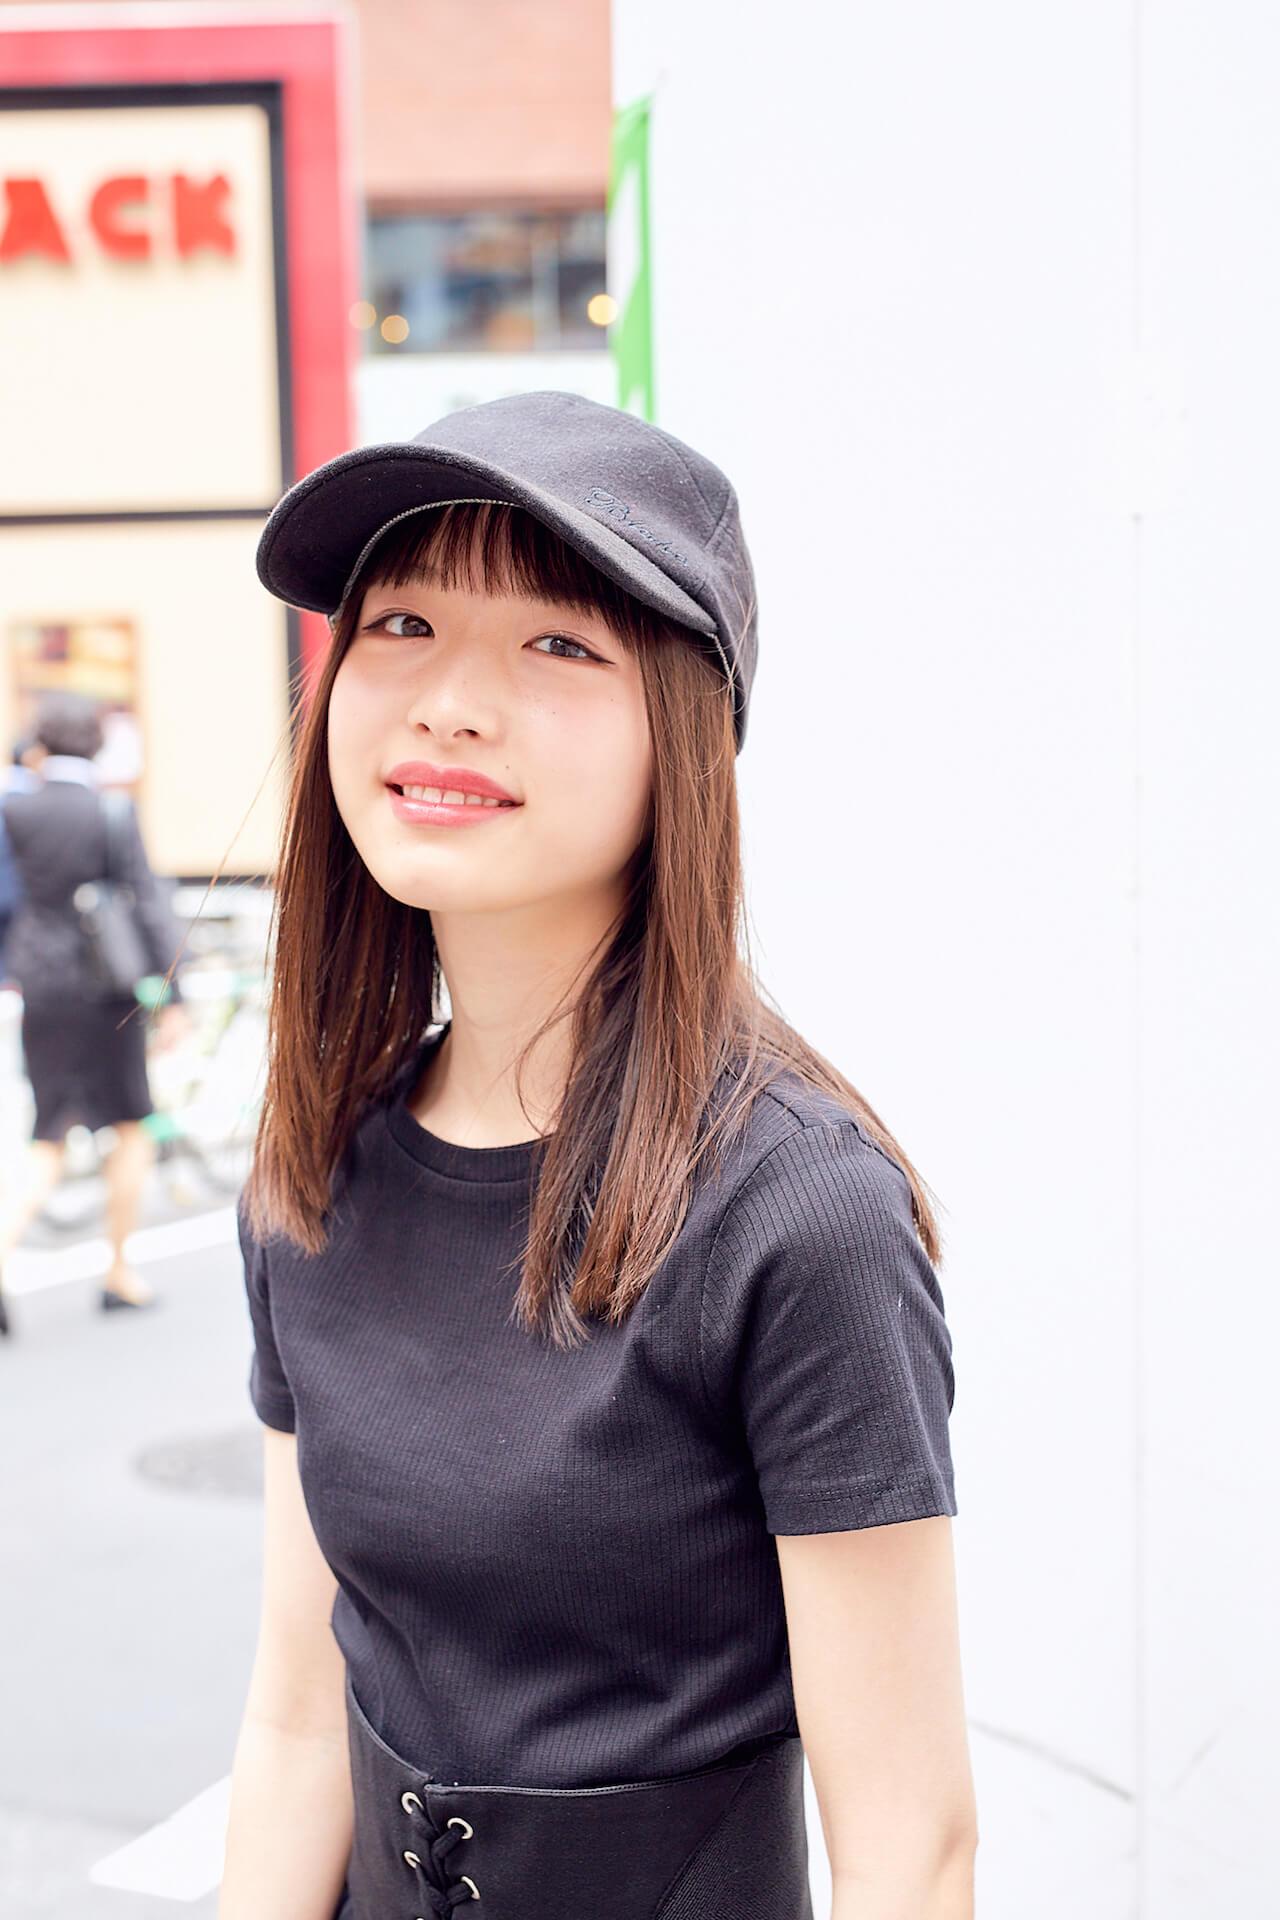 内田珠鈴はなぜ、自分をさらけ出そうと思ったのか? 初EP『光の中を泳ぐ』について語る interview190517-uchida-shuri-4